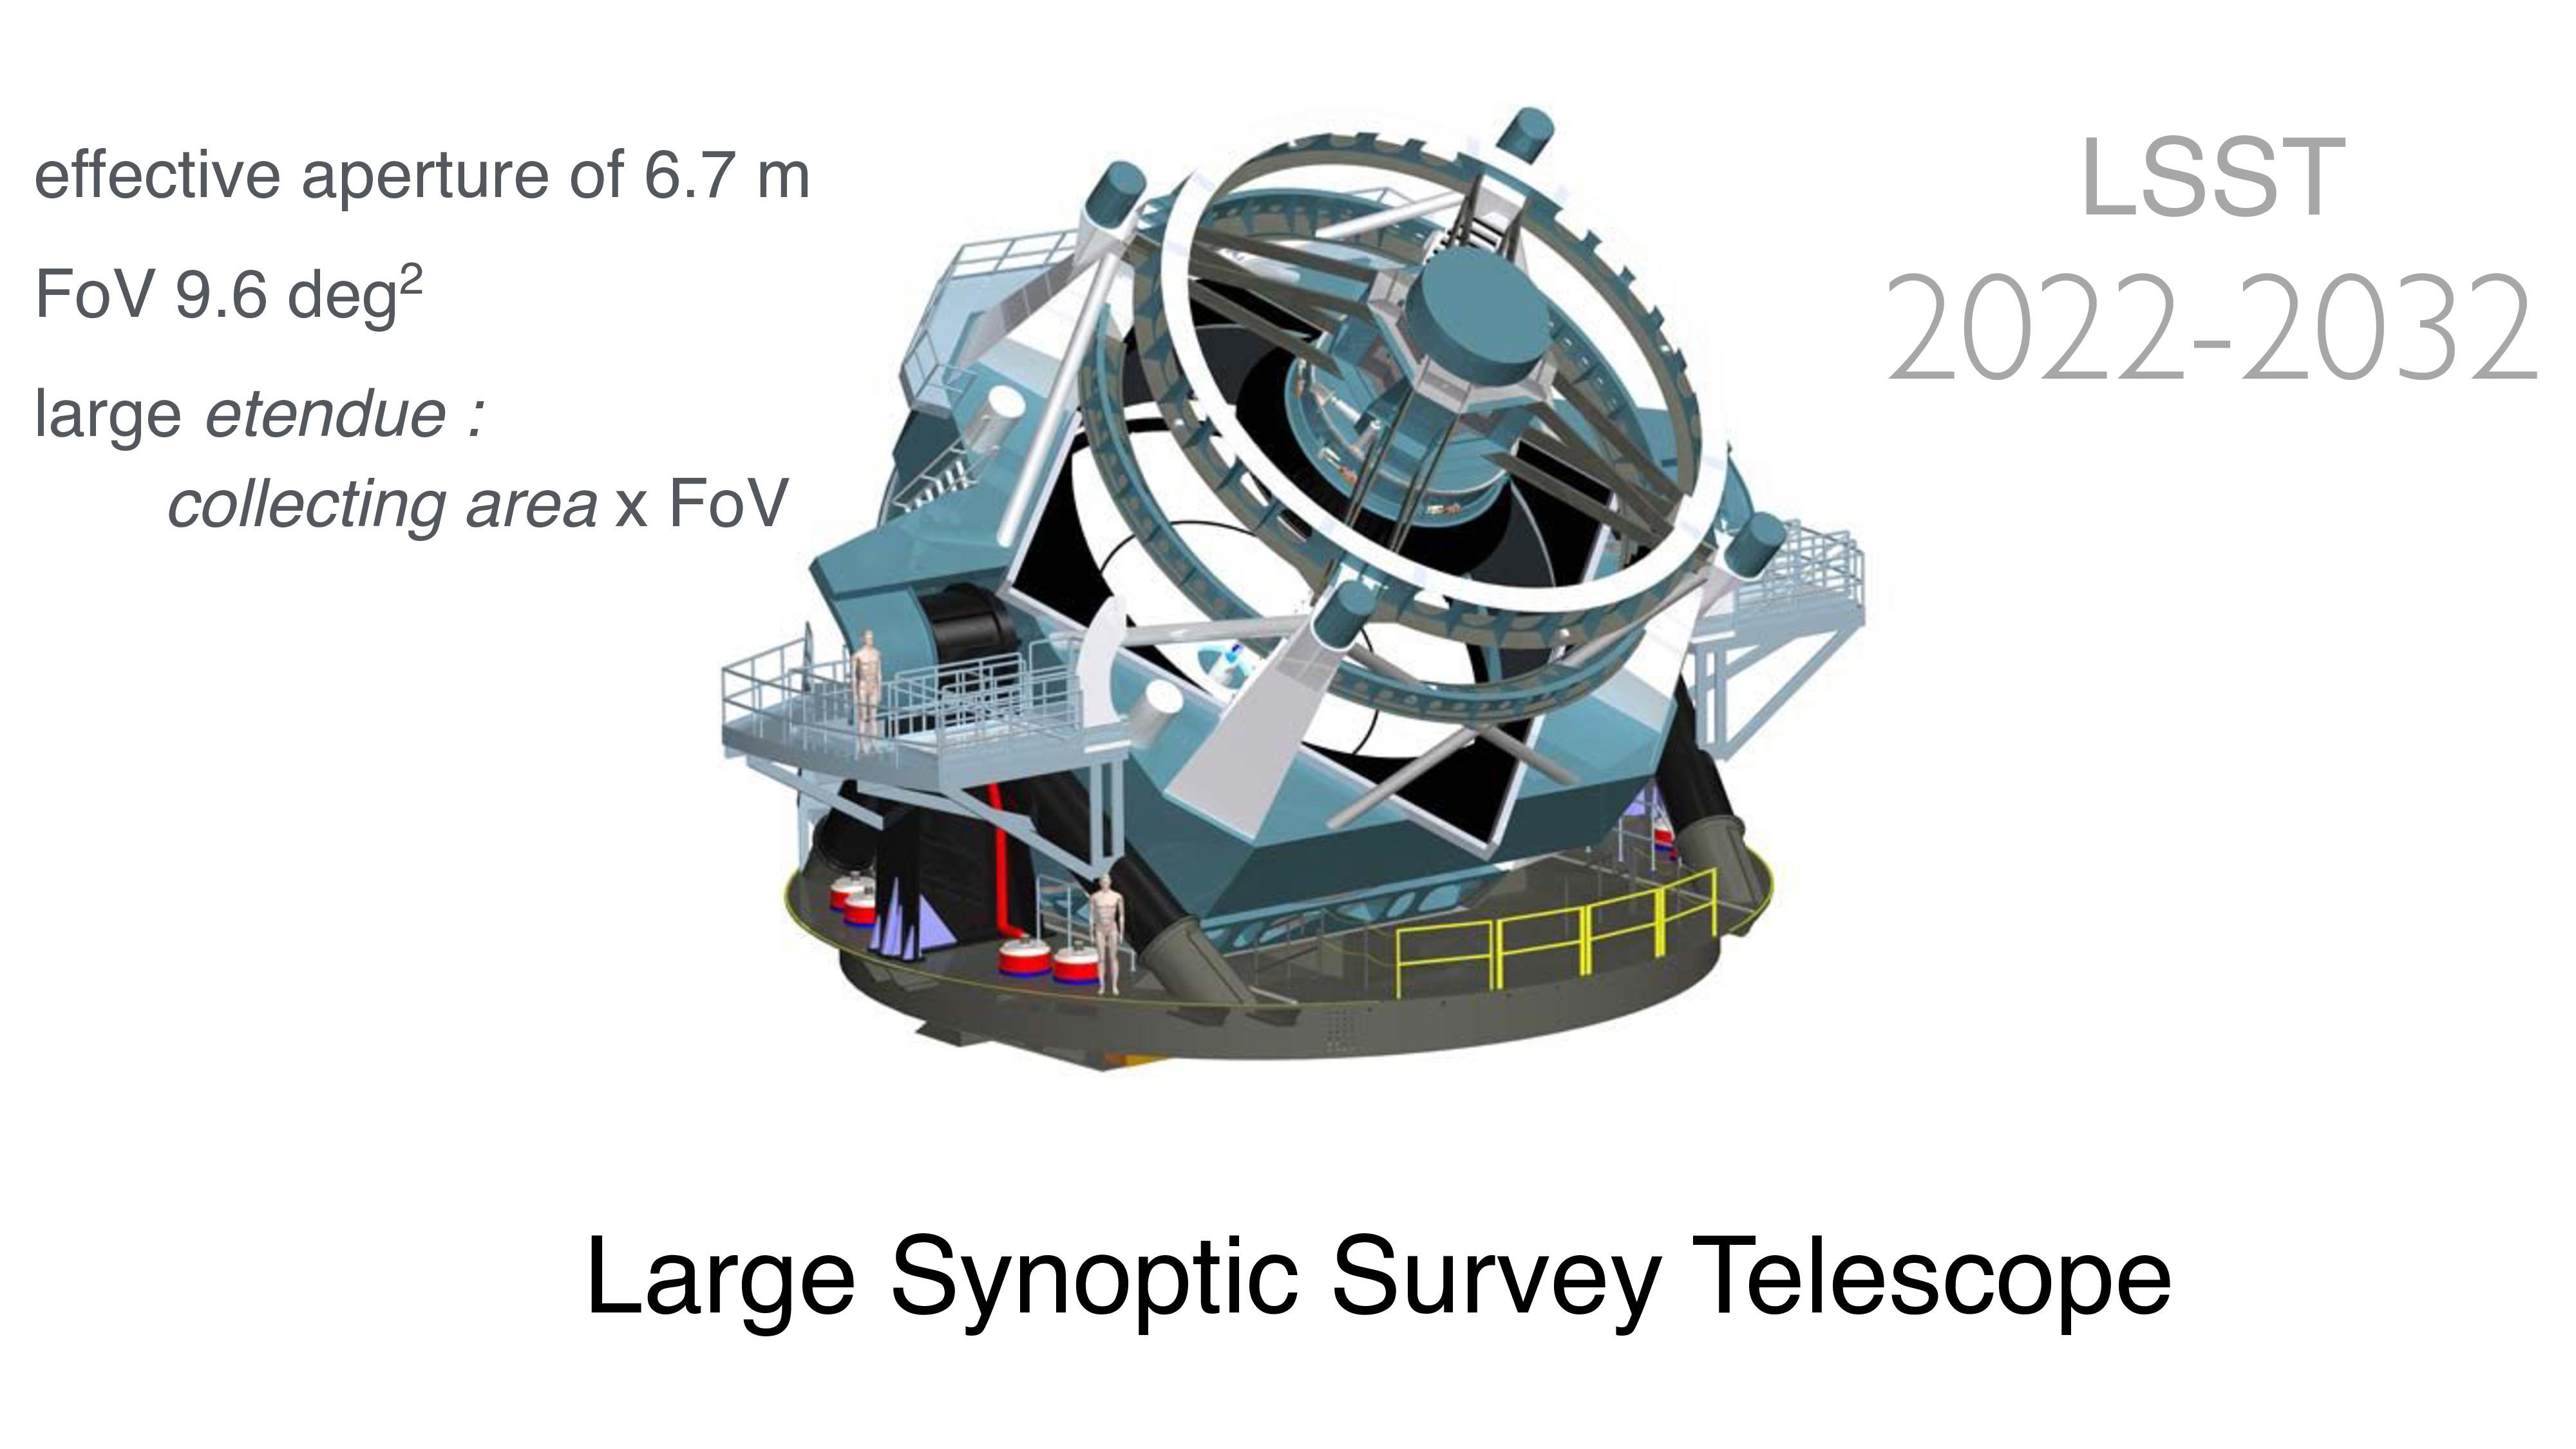 Large Synoptic Survey Telescope LSST 2022-2032 ...